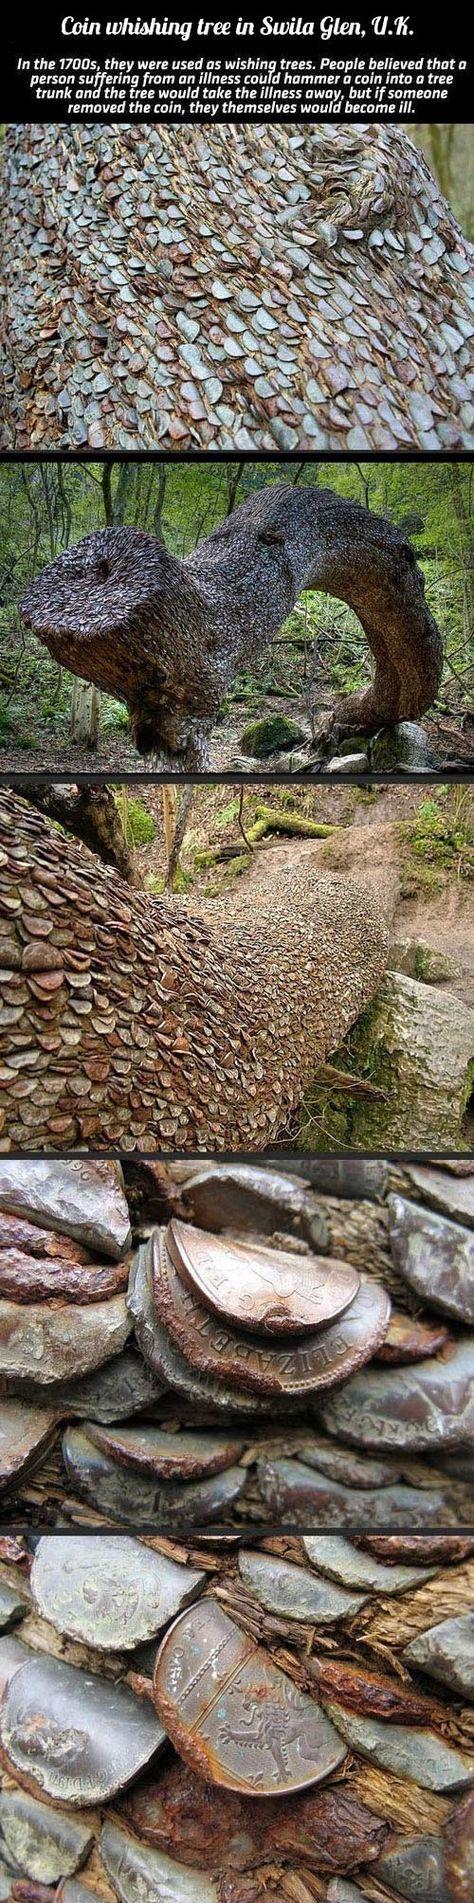 Coin Wishing Tree in Swila Glen, U.K.